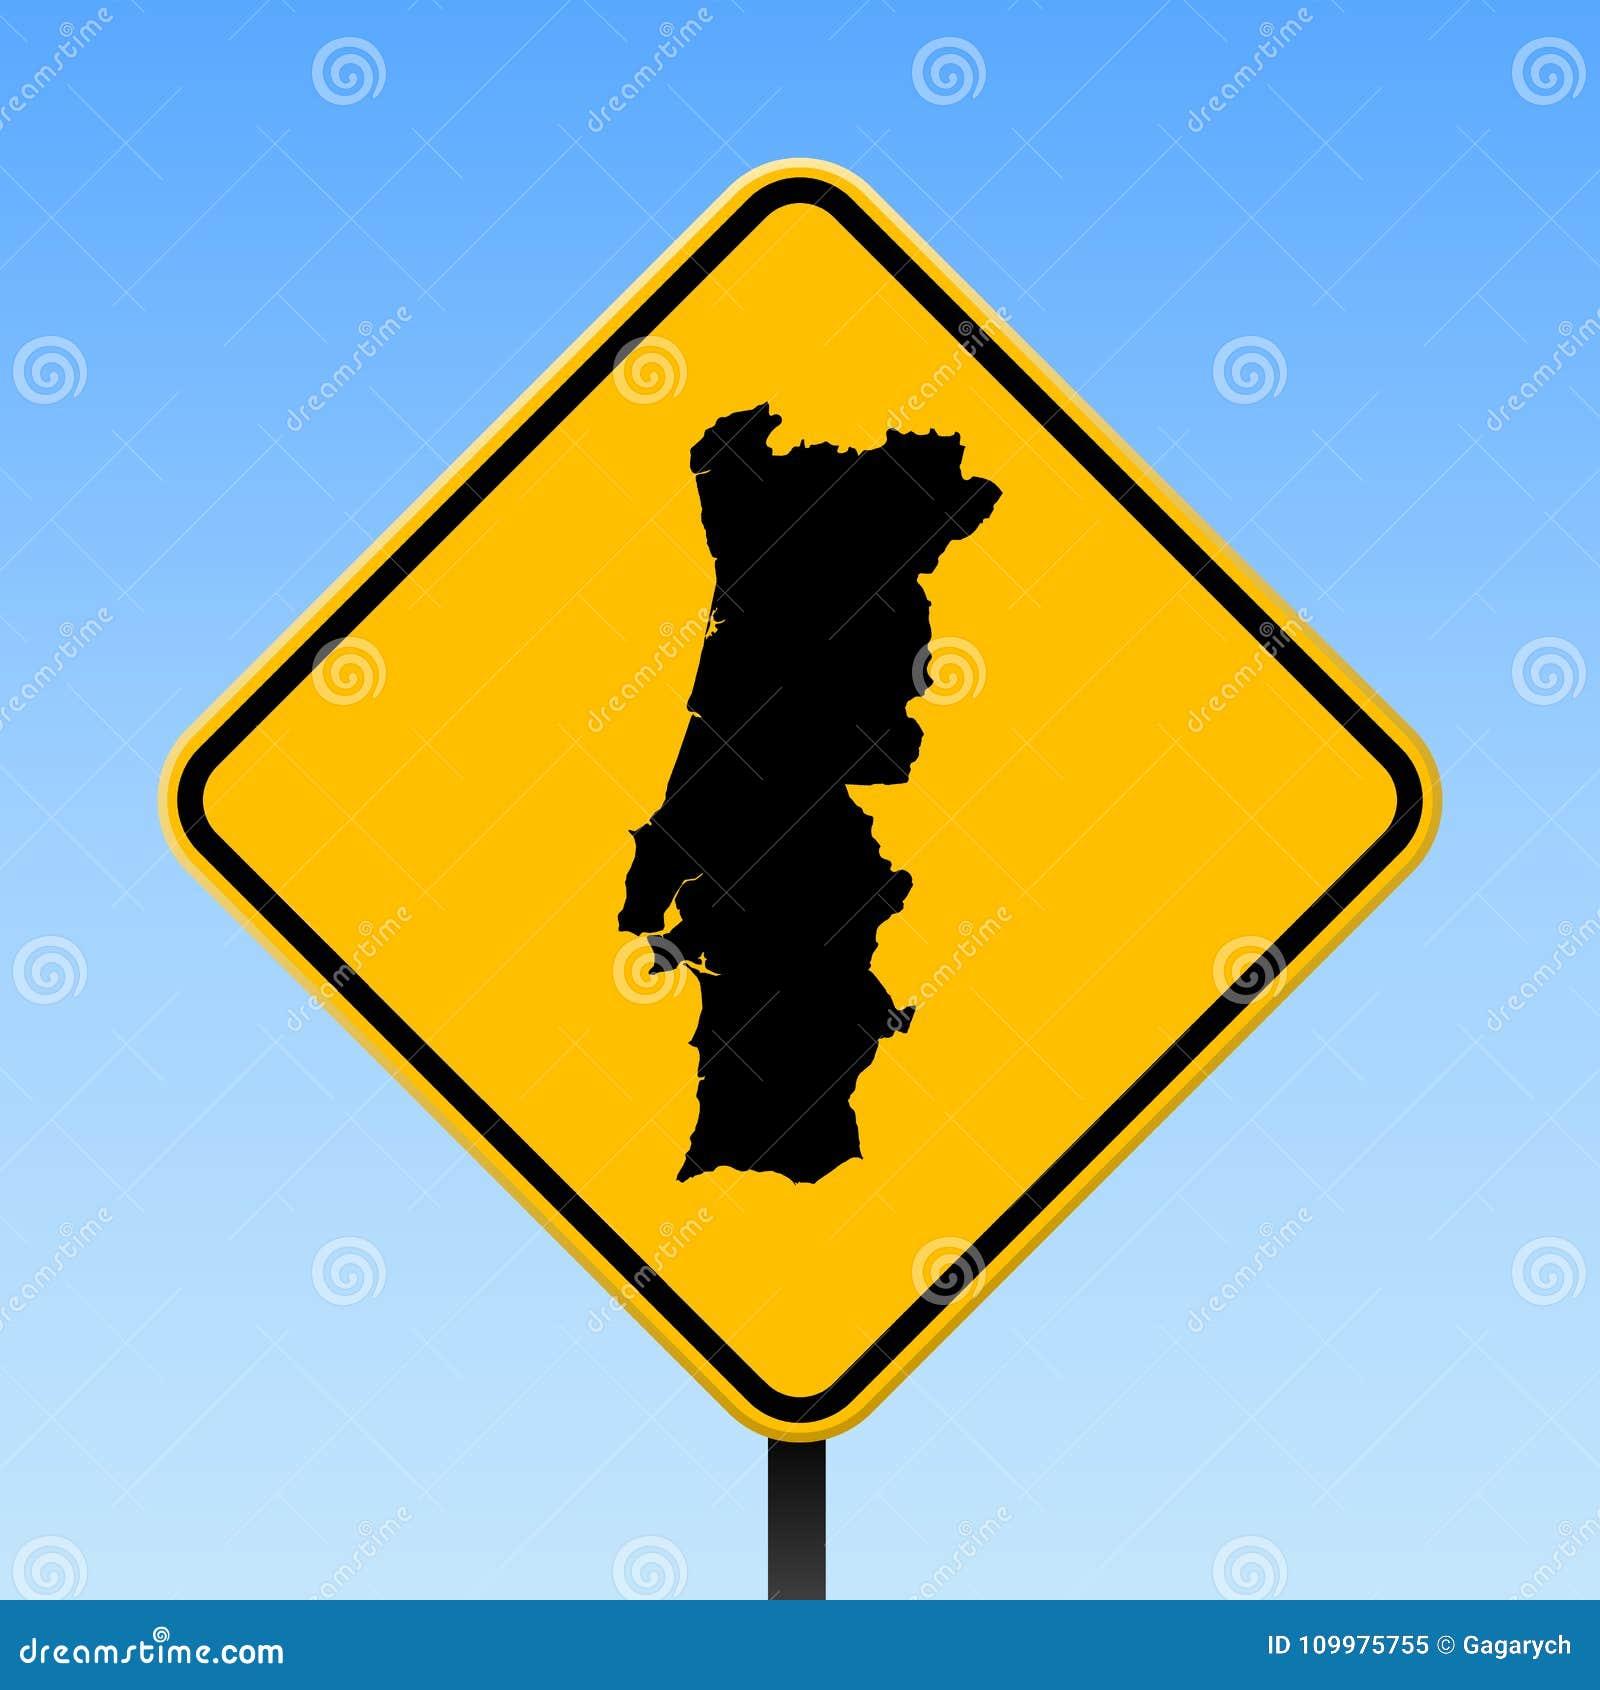 mapa de portugal estradas download Mapa De Portugal No Sinal De Estrada Ilustração do Vetor  mapa de portugal estradas download